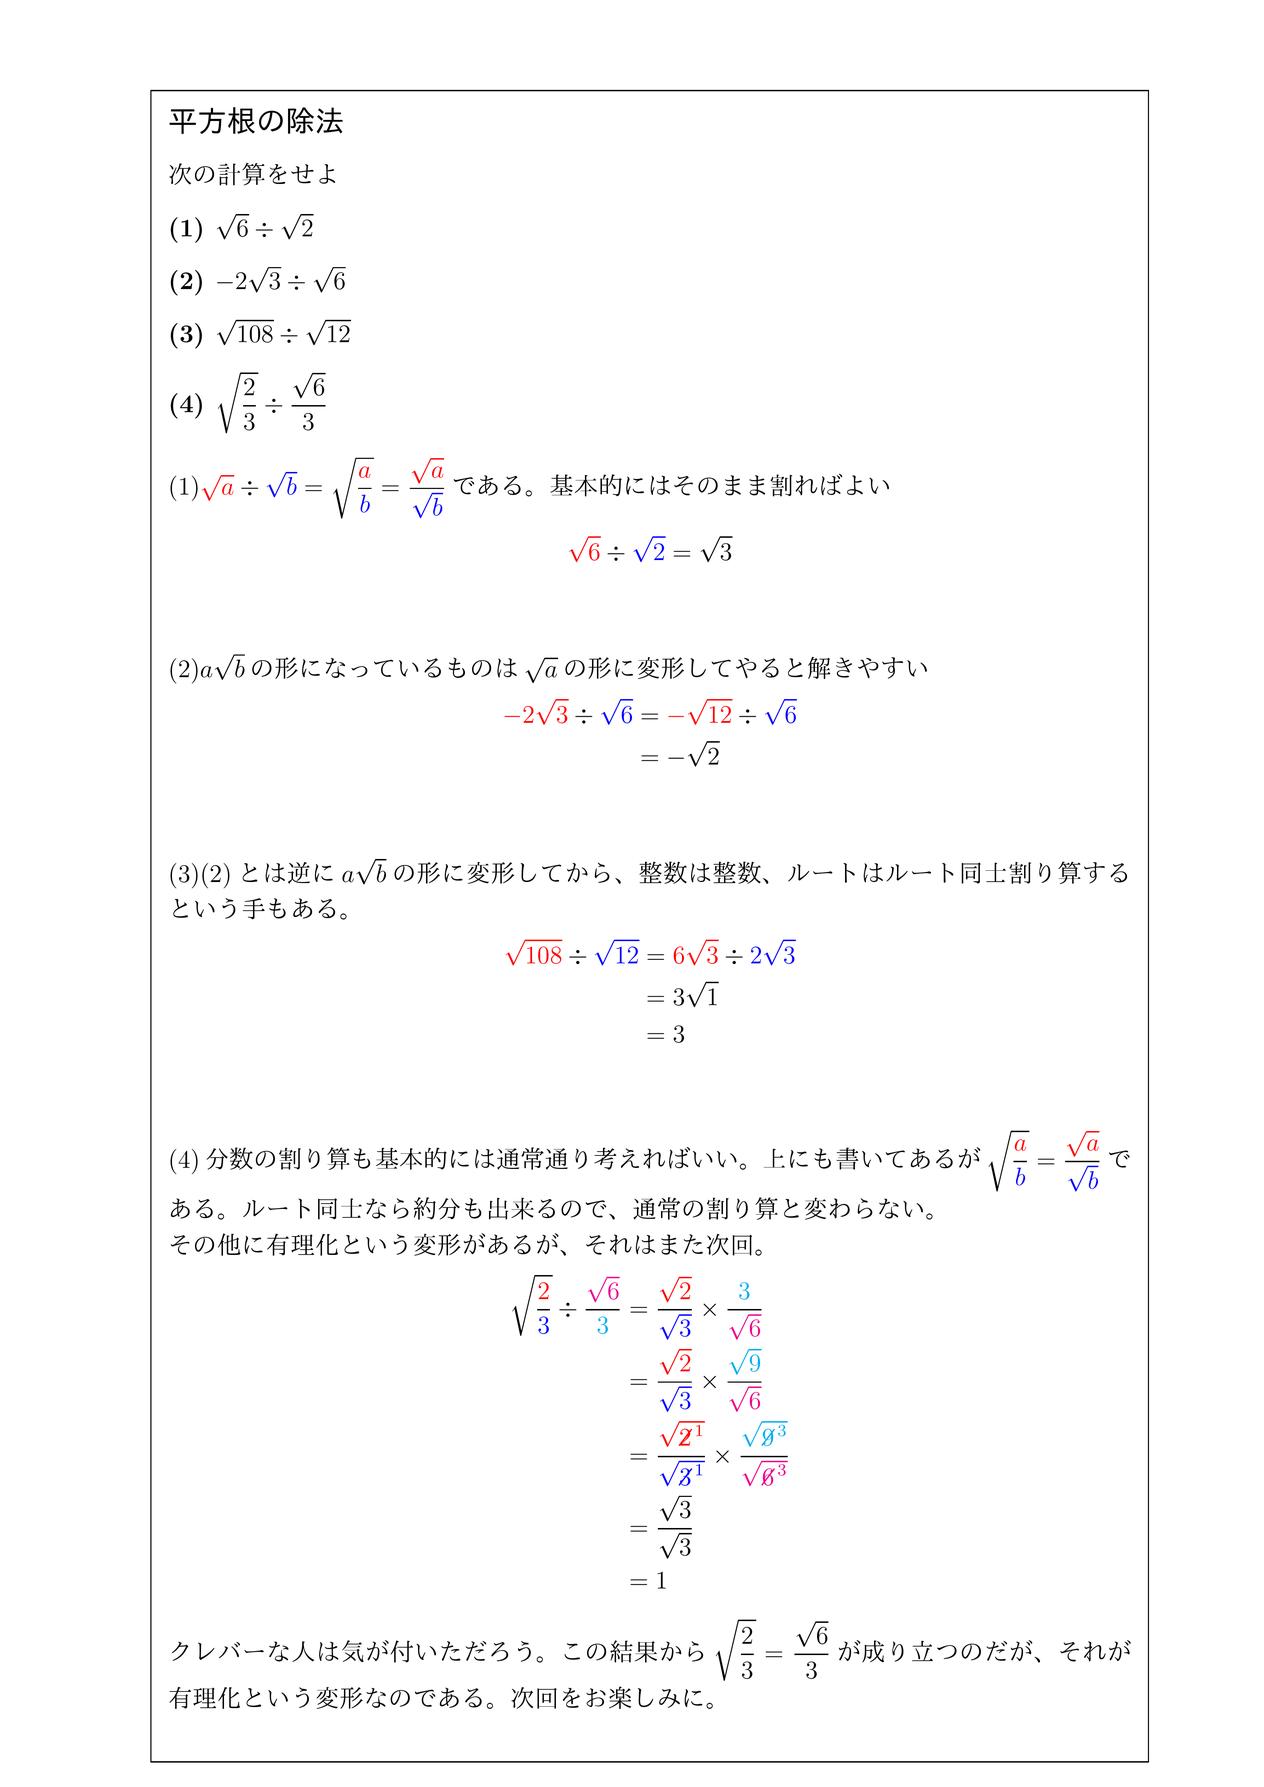 平方根の除法